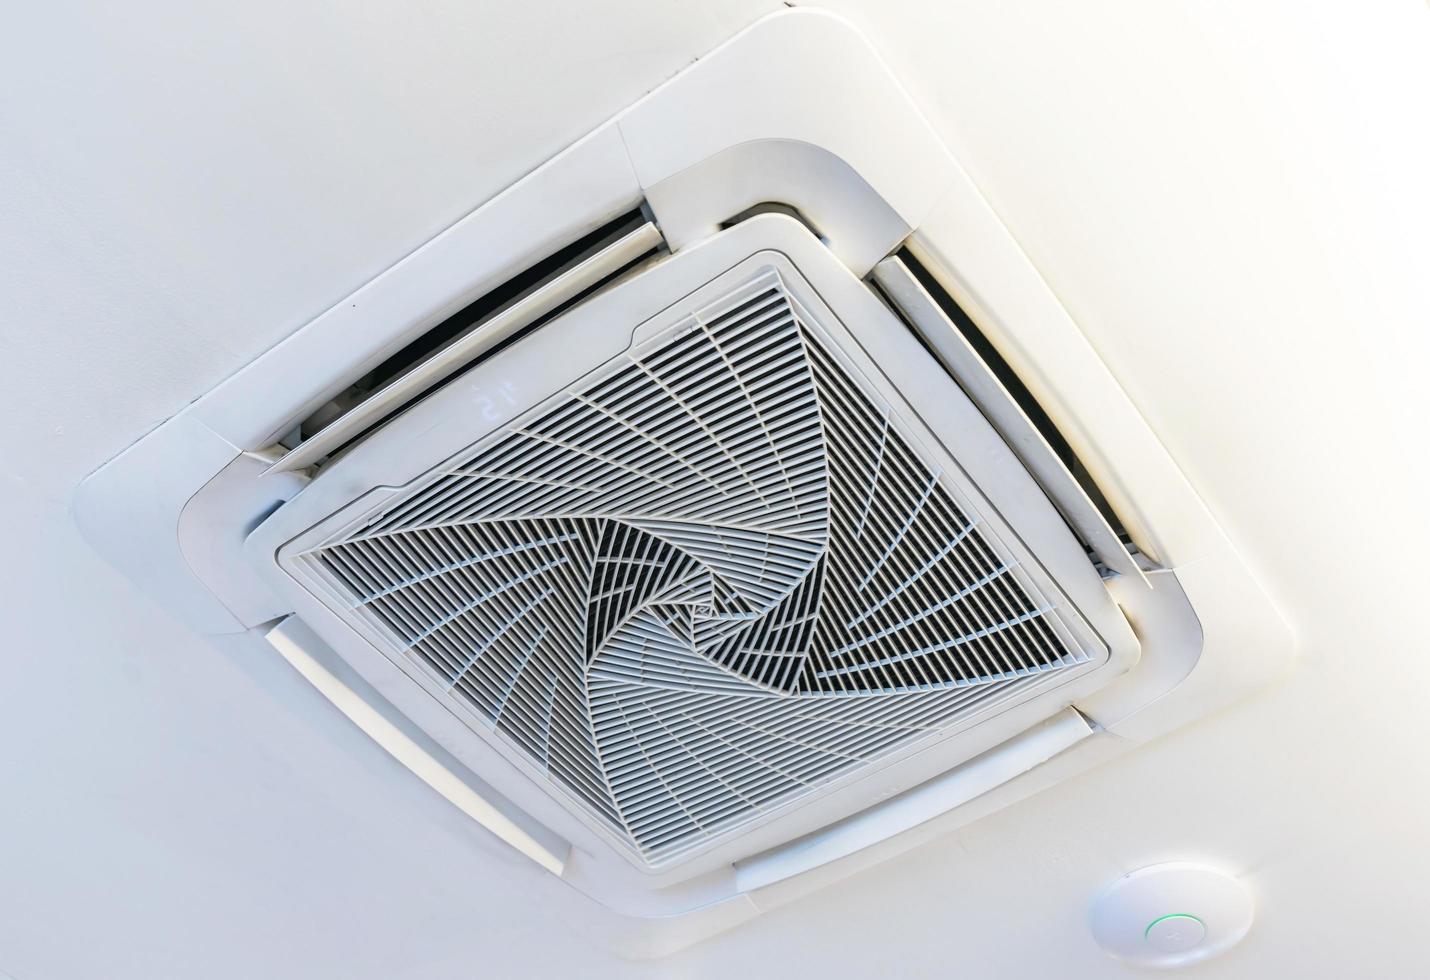 cassette type airconditioning met verlichting en brandbeveiligingssysteem foto